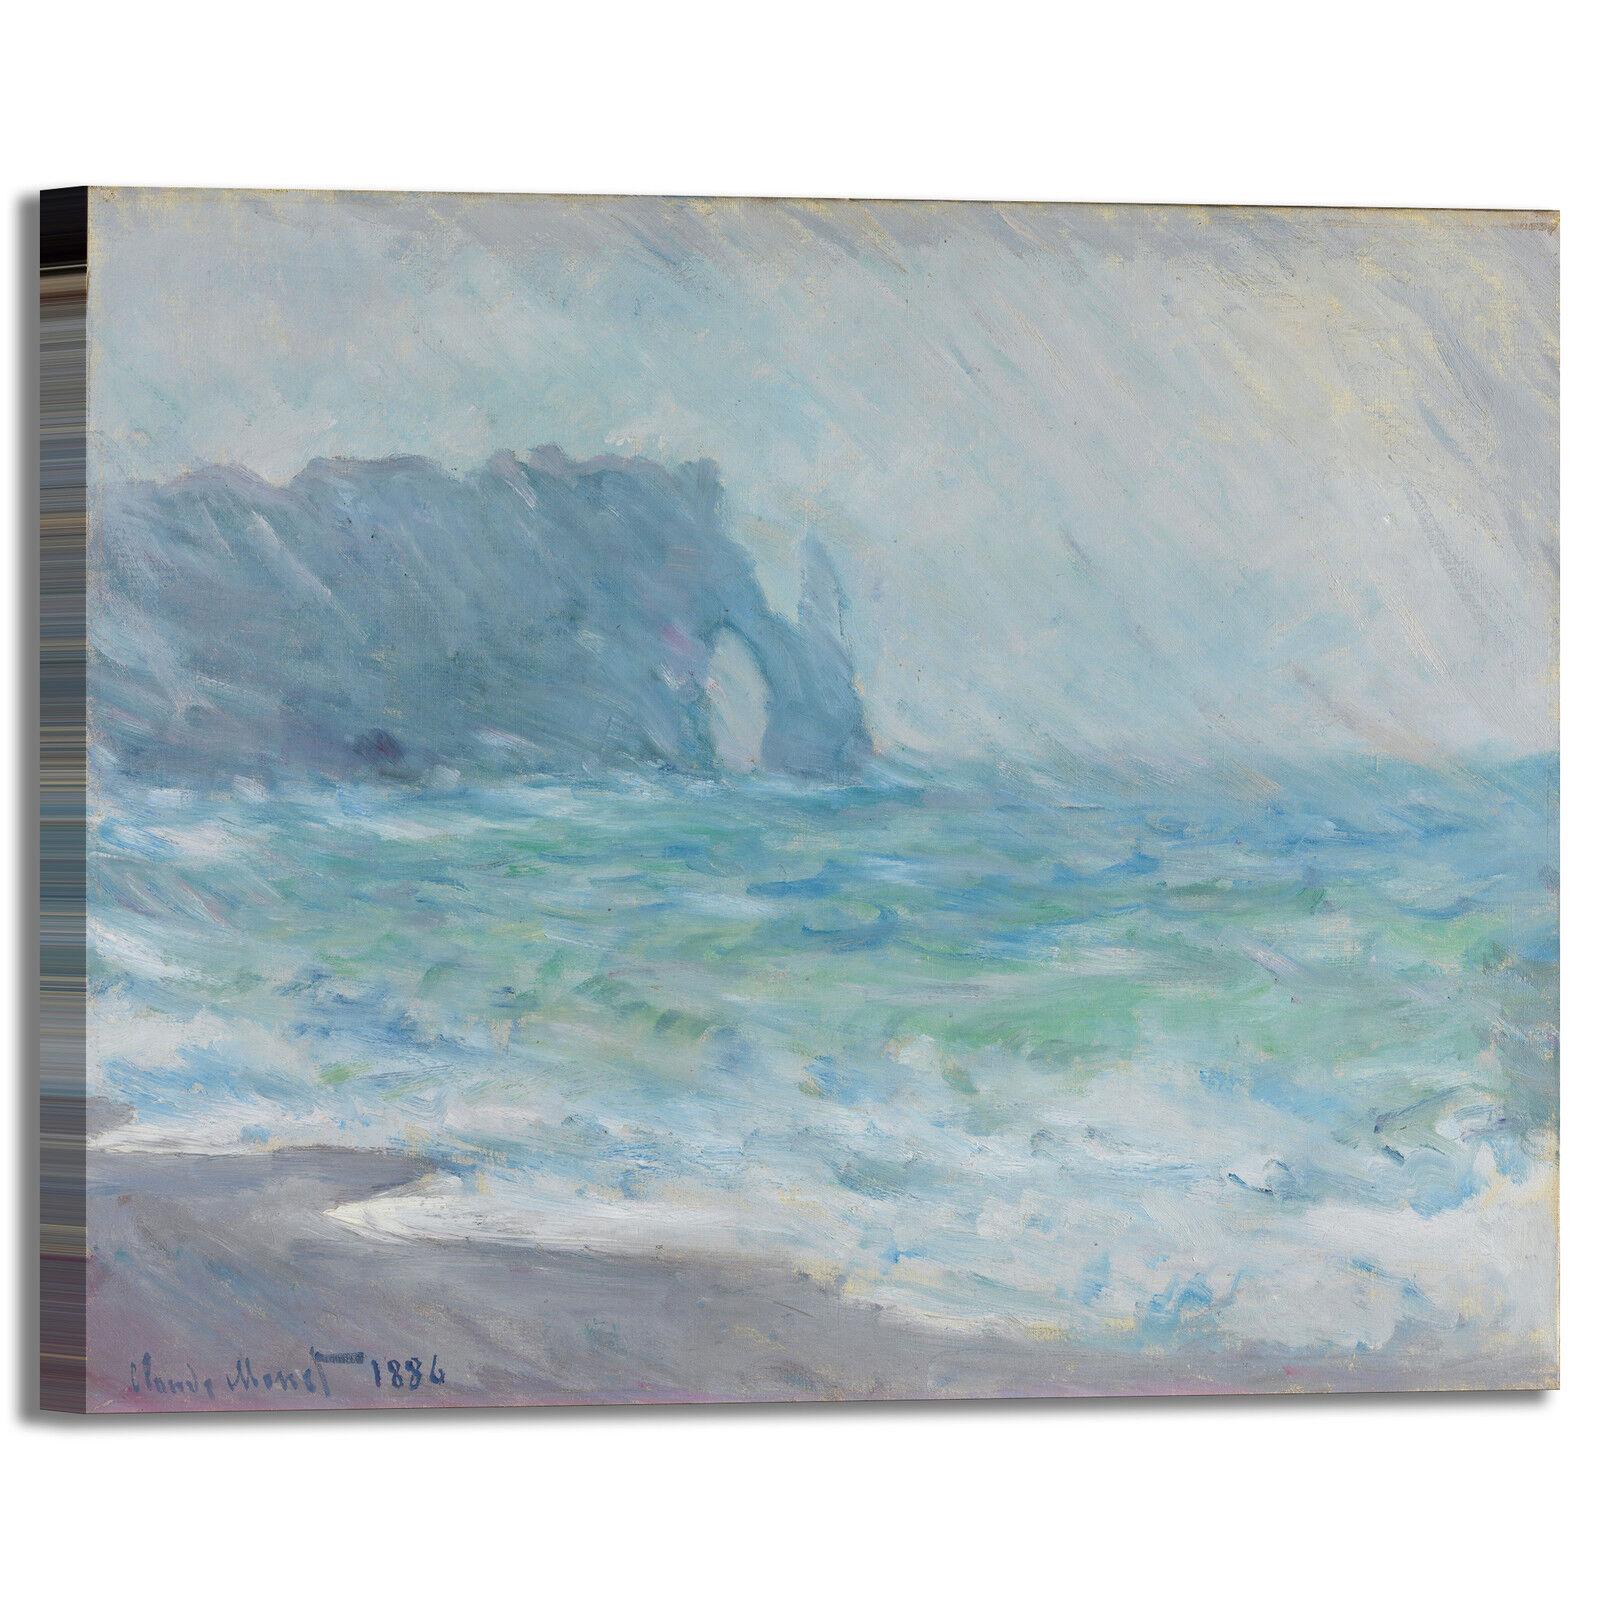 Monet Etretat design quadro stampa tela dipinto telaio arroto casa